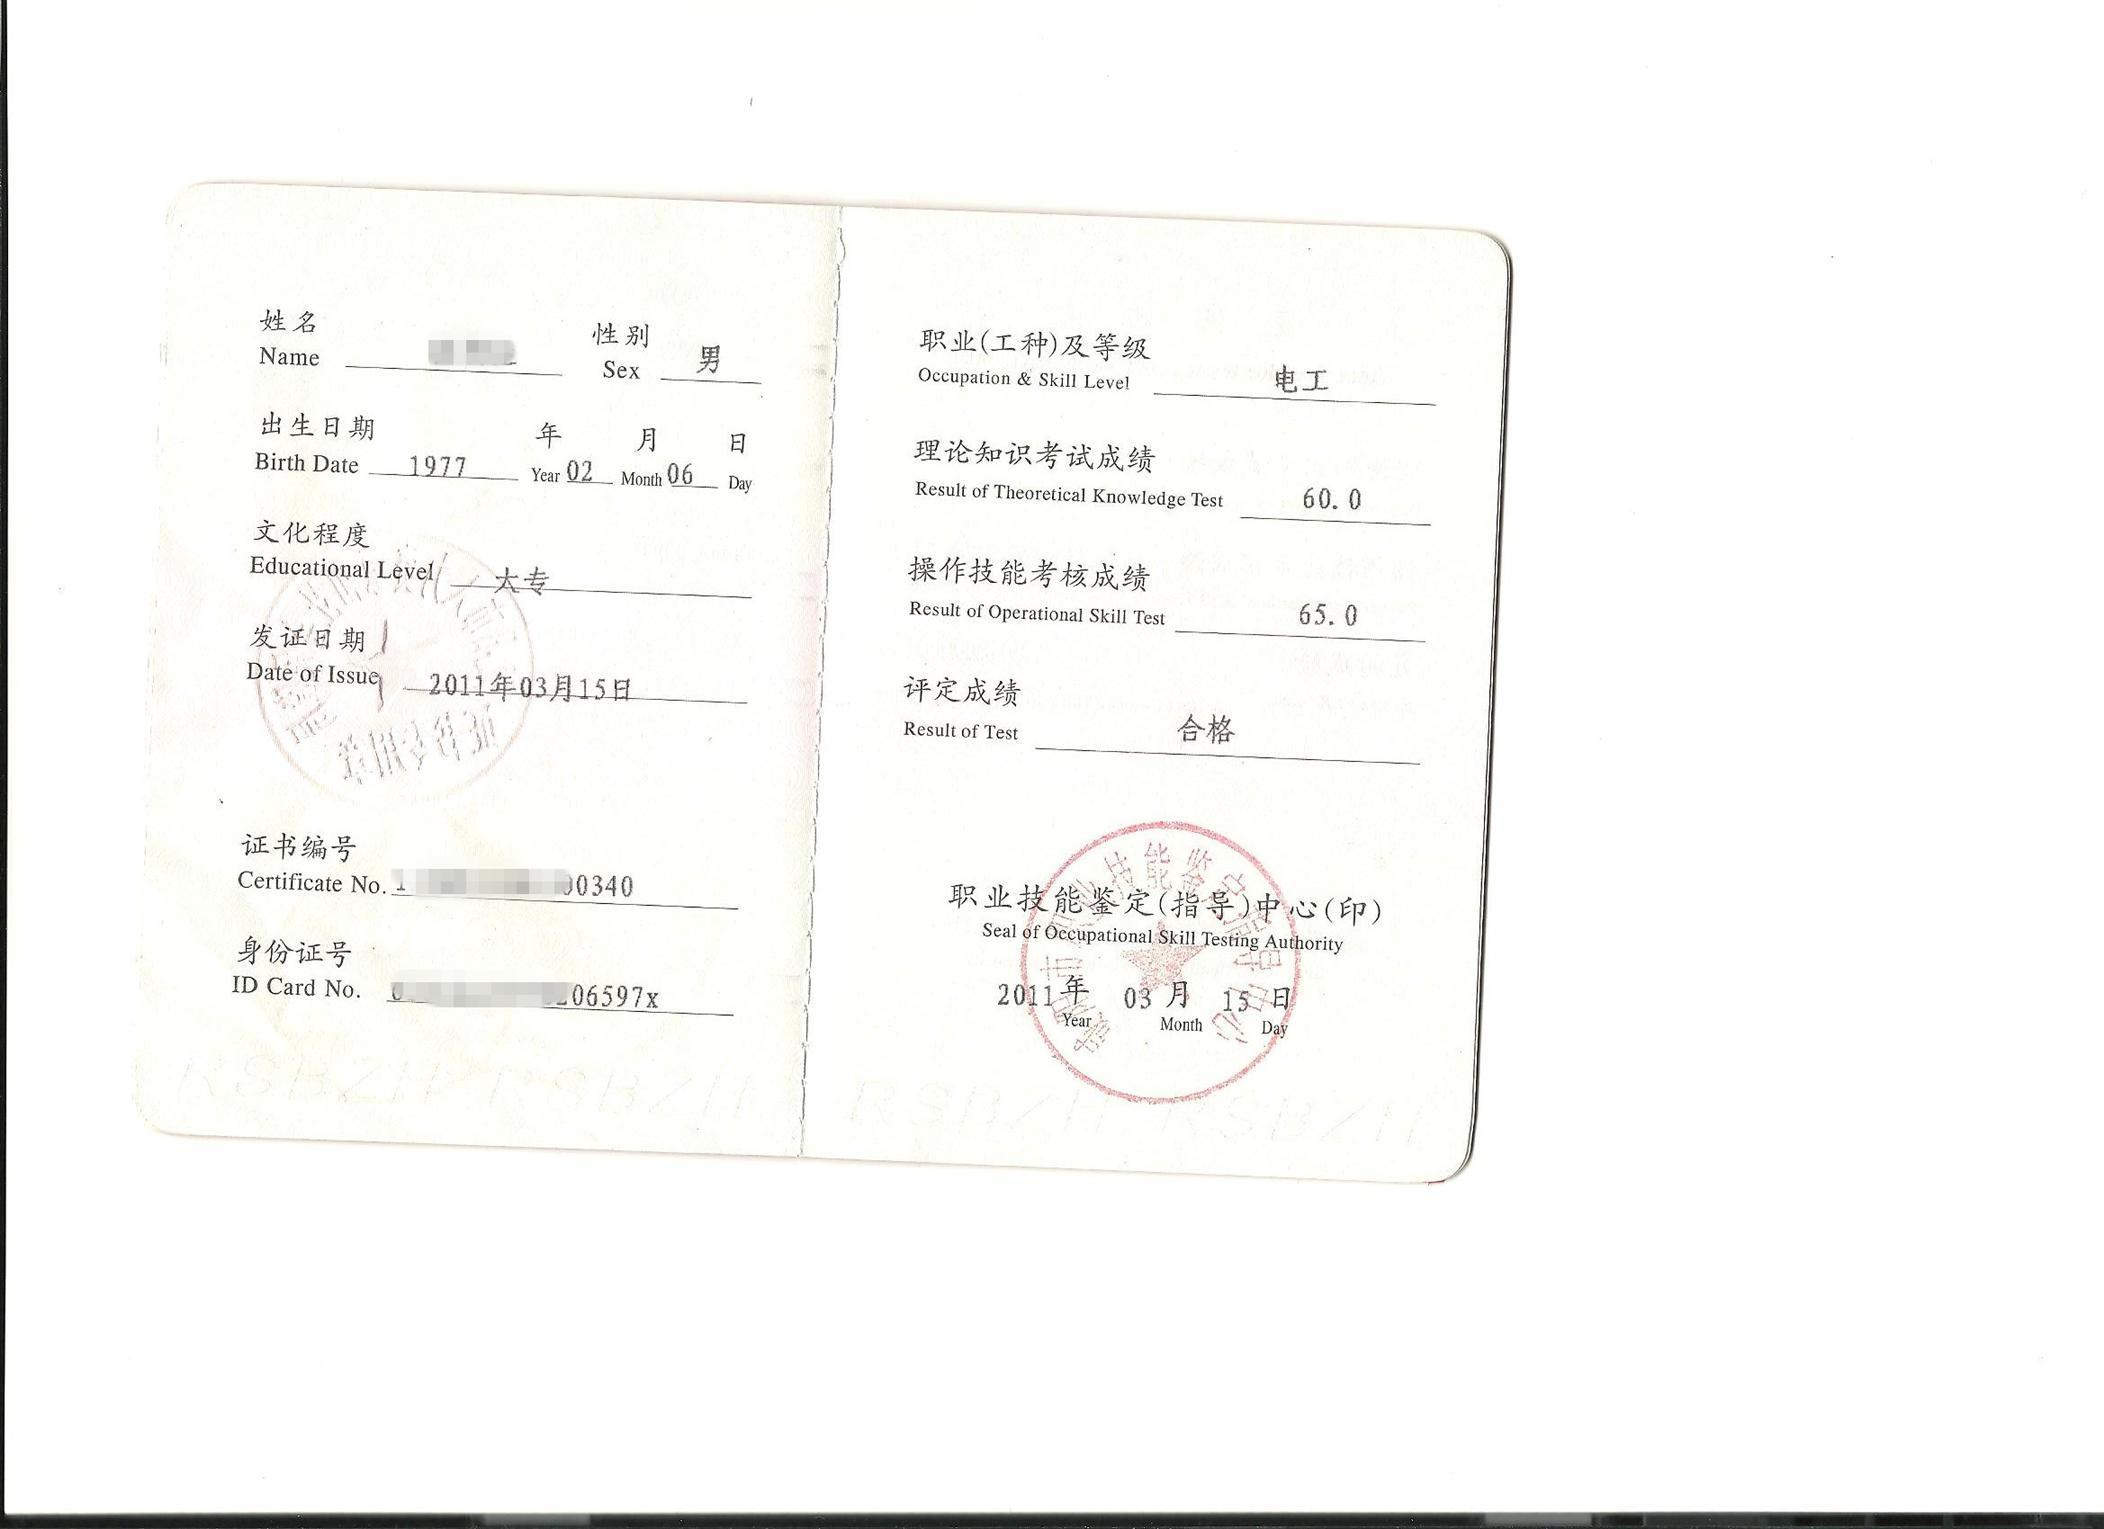 吴忠管道工证网上报名